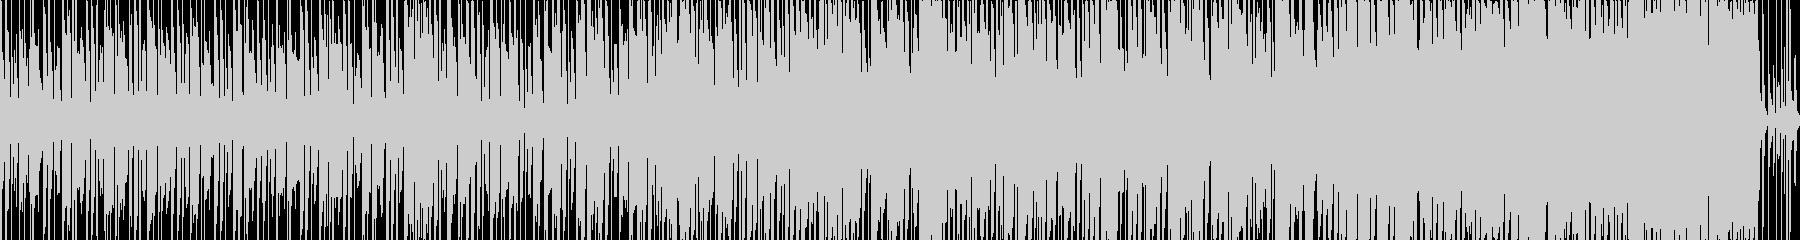 秋の切ない懐かしさのピアノメロディの未再生の波形